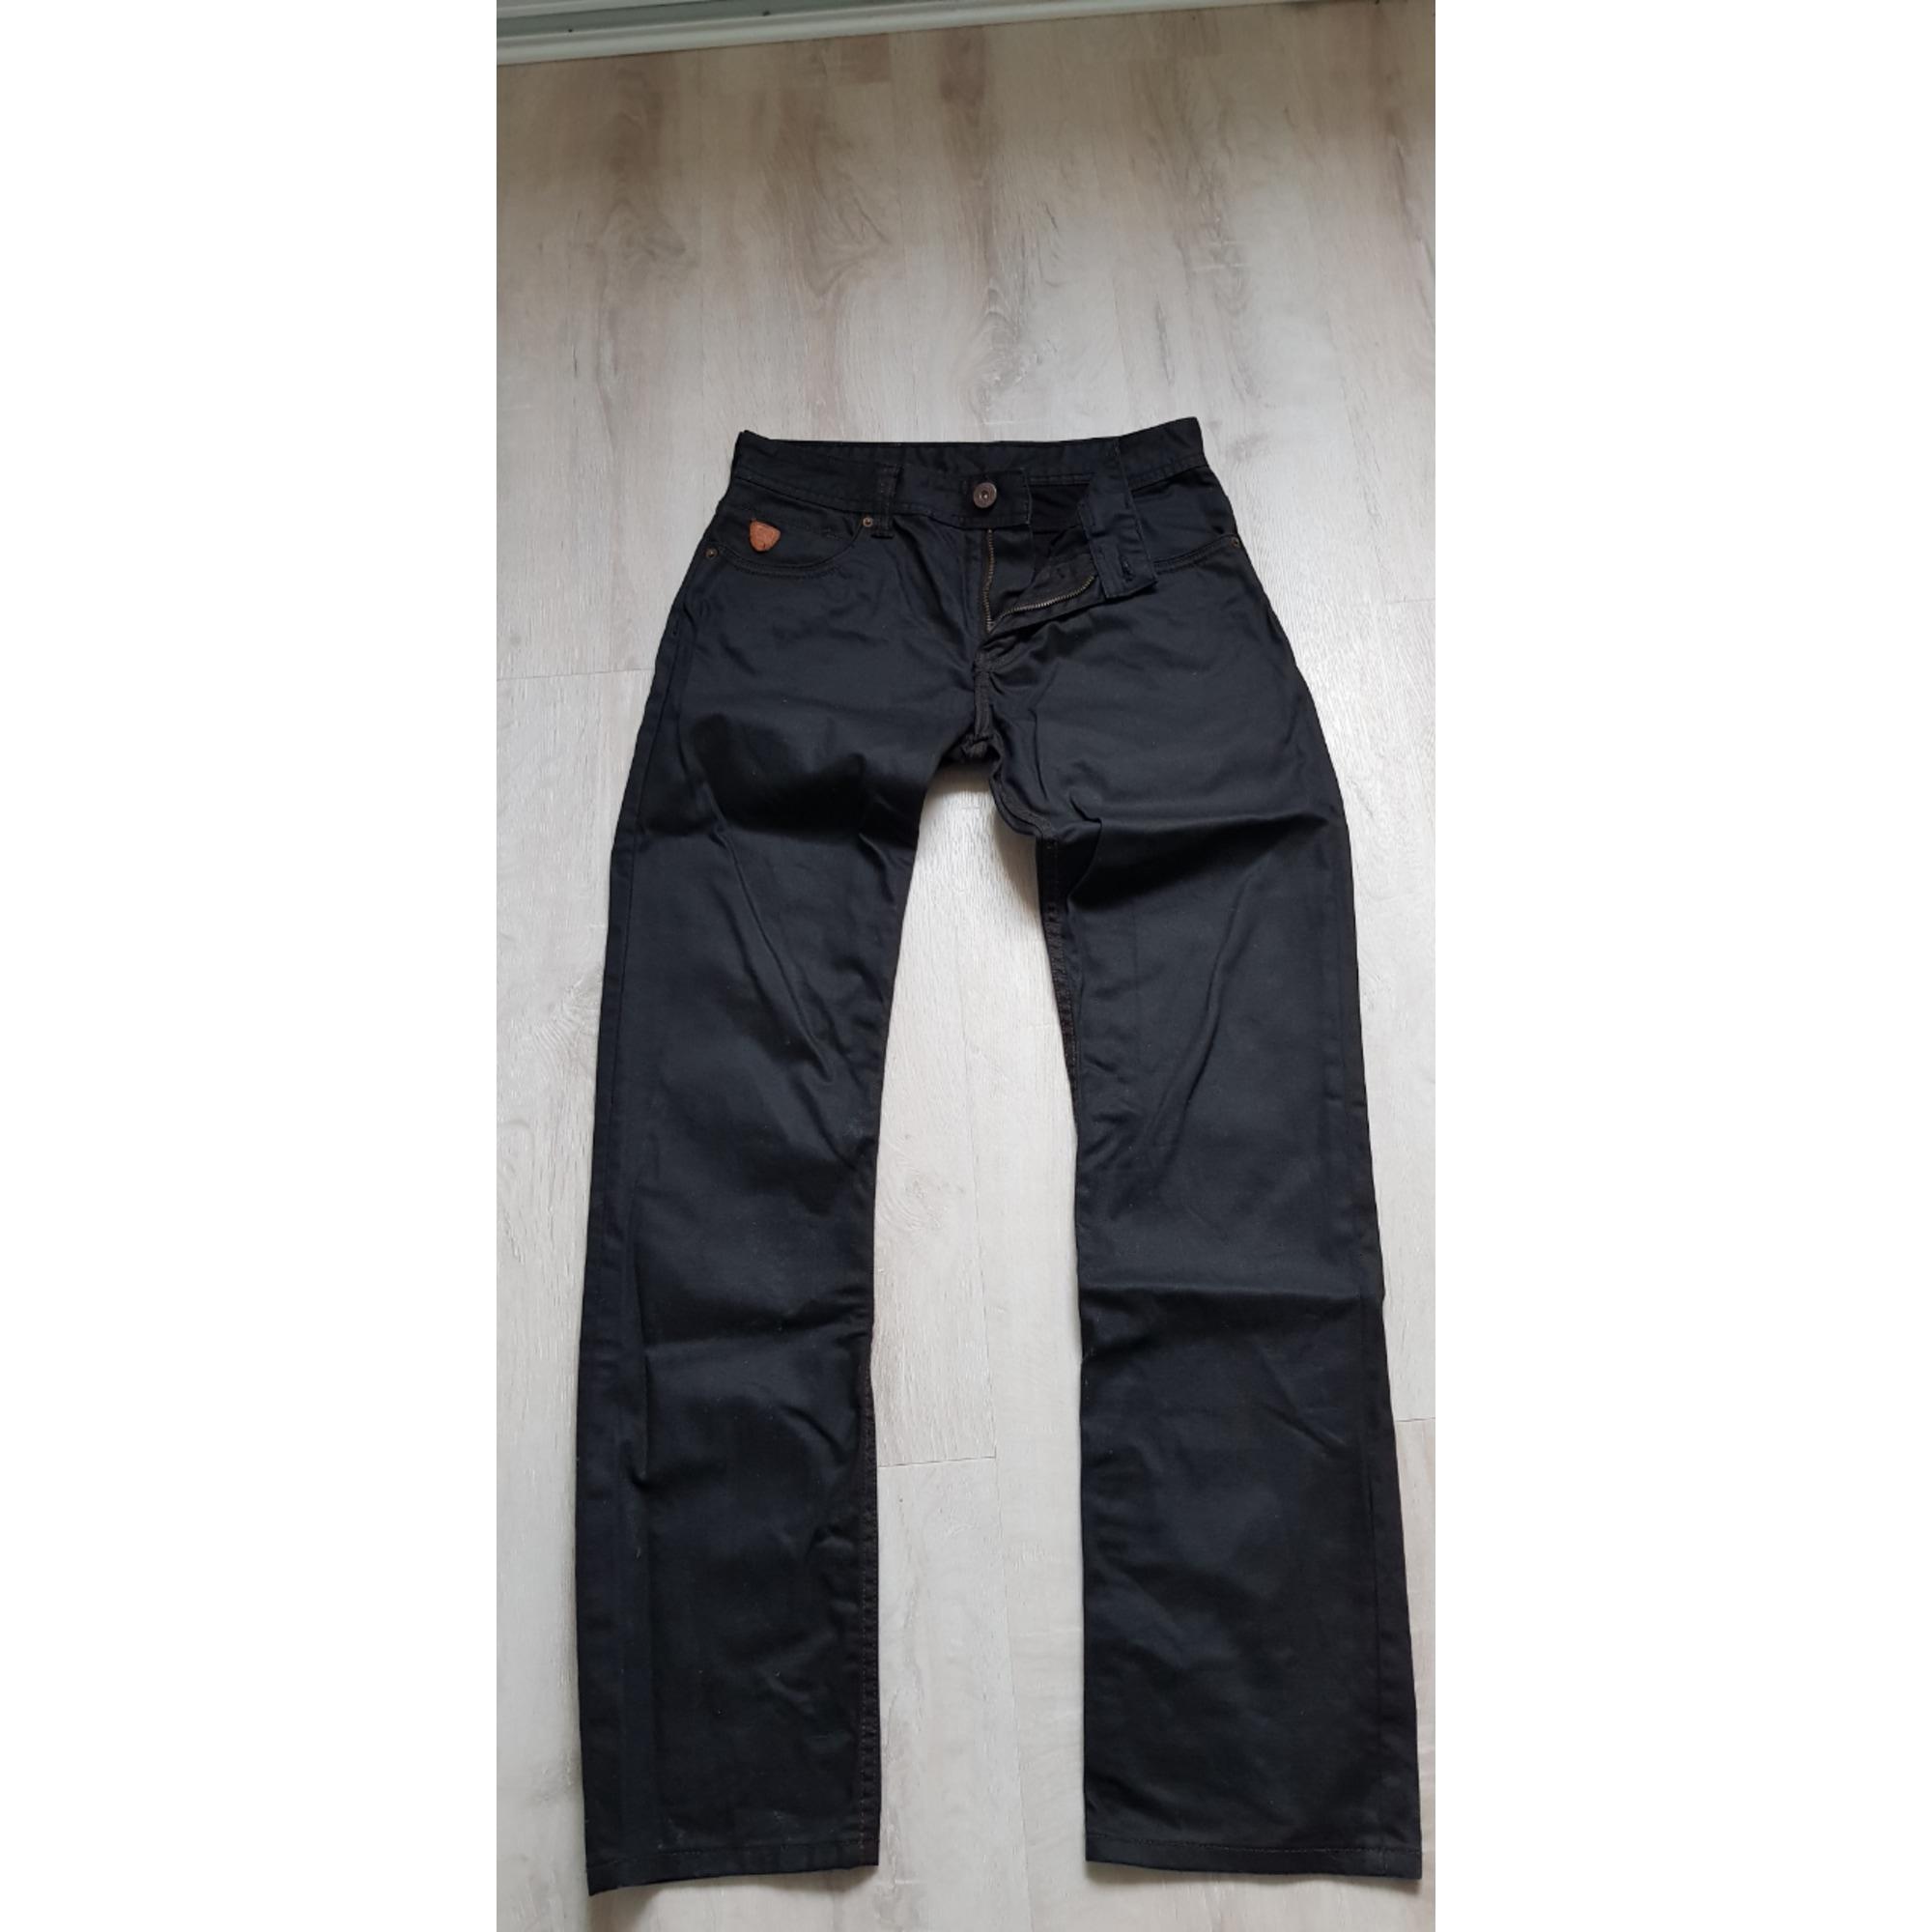 Jeans droit REDSKINS Noir